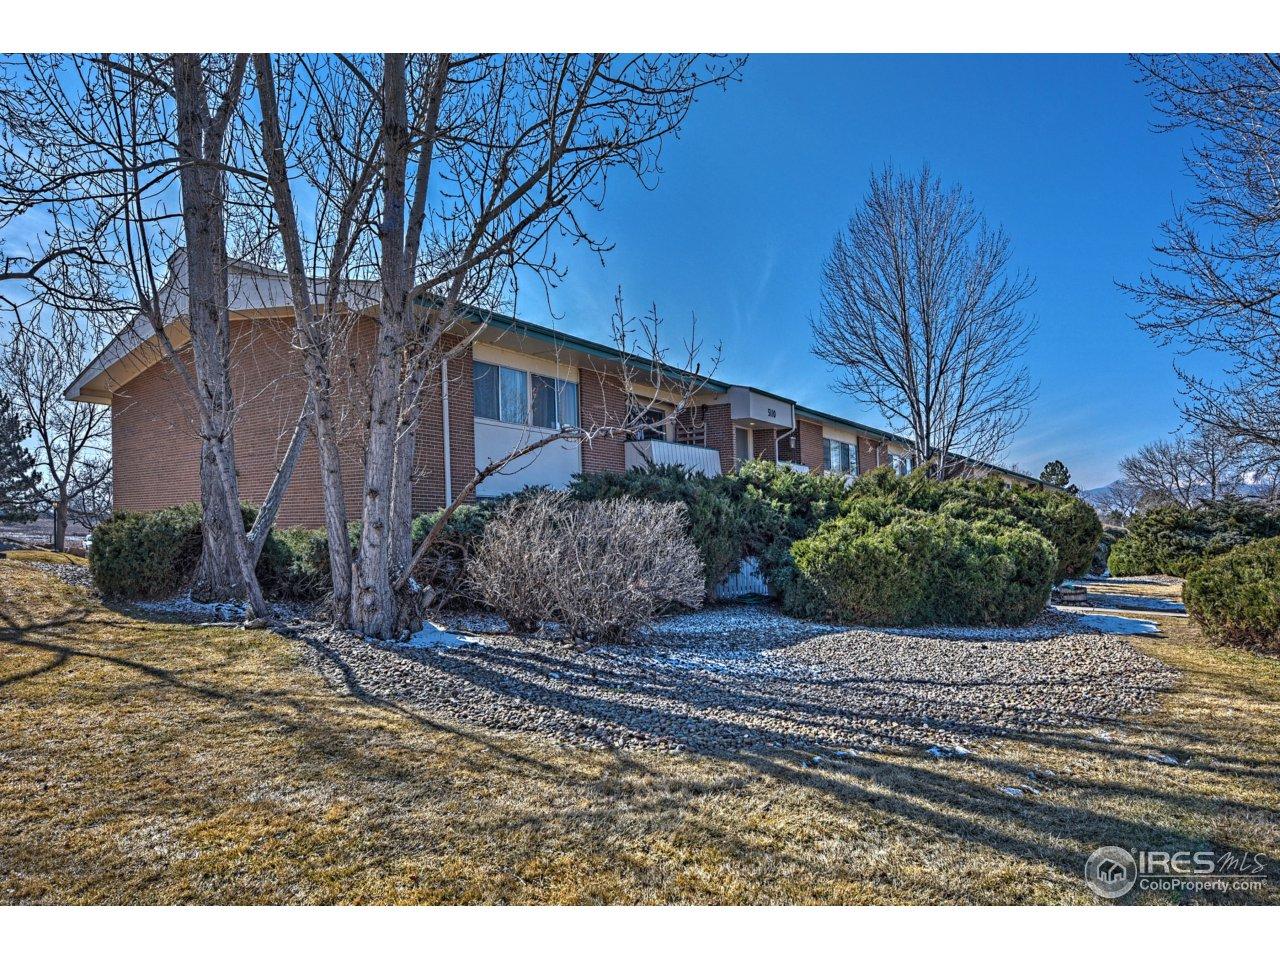 5110 Williams Fork Trl 209, Boulder CO 80301